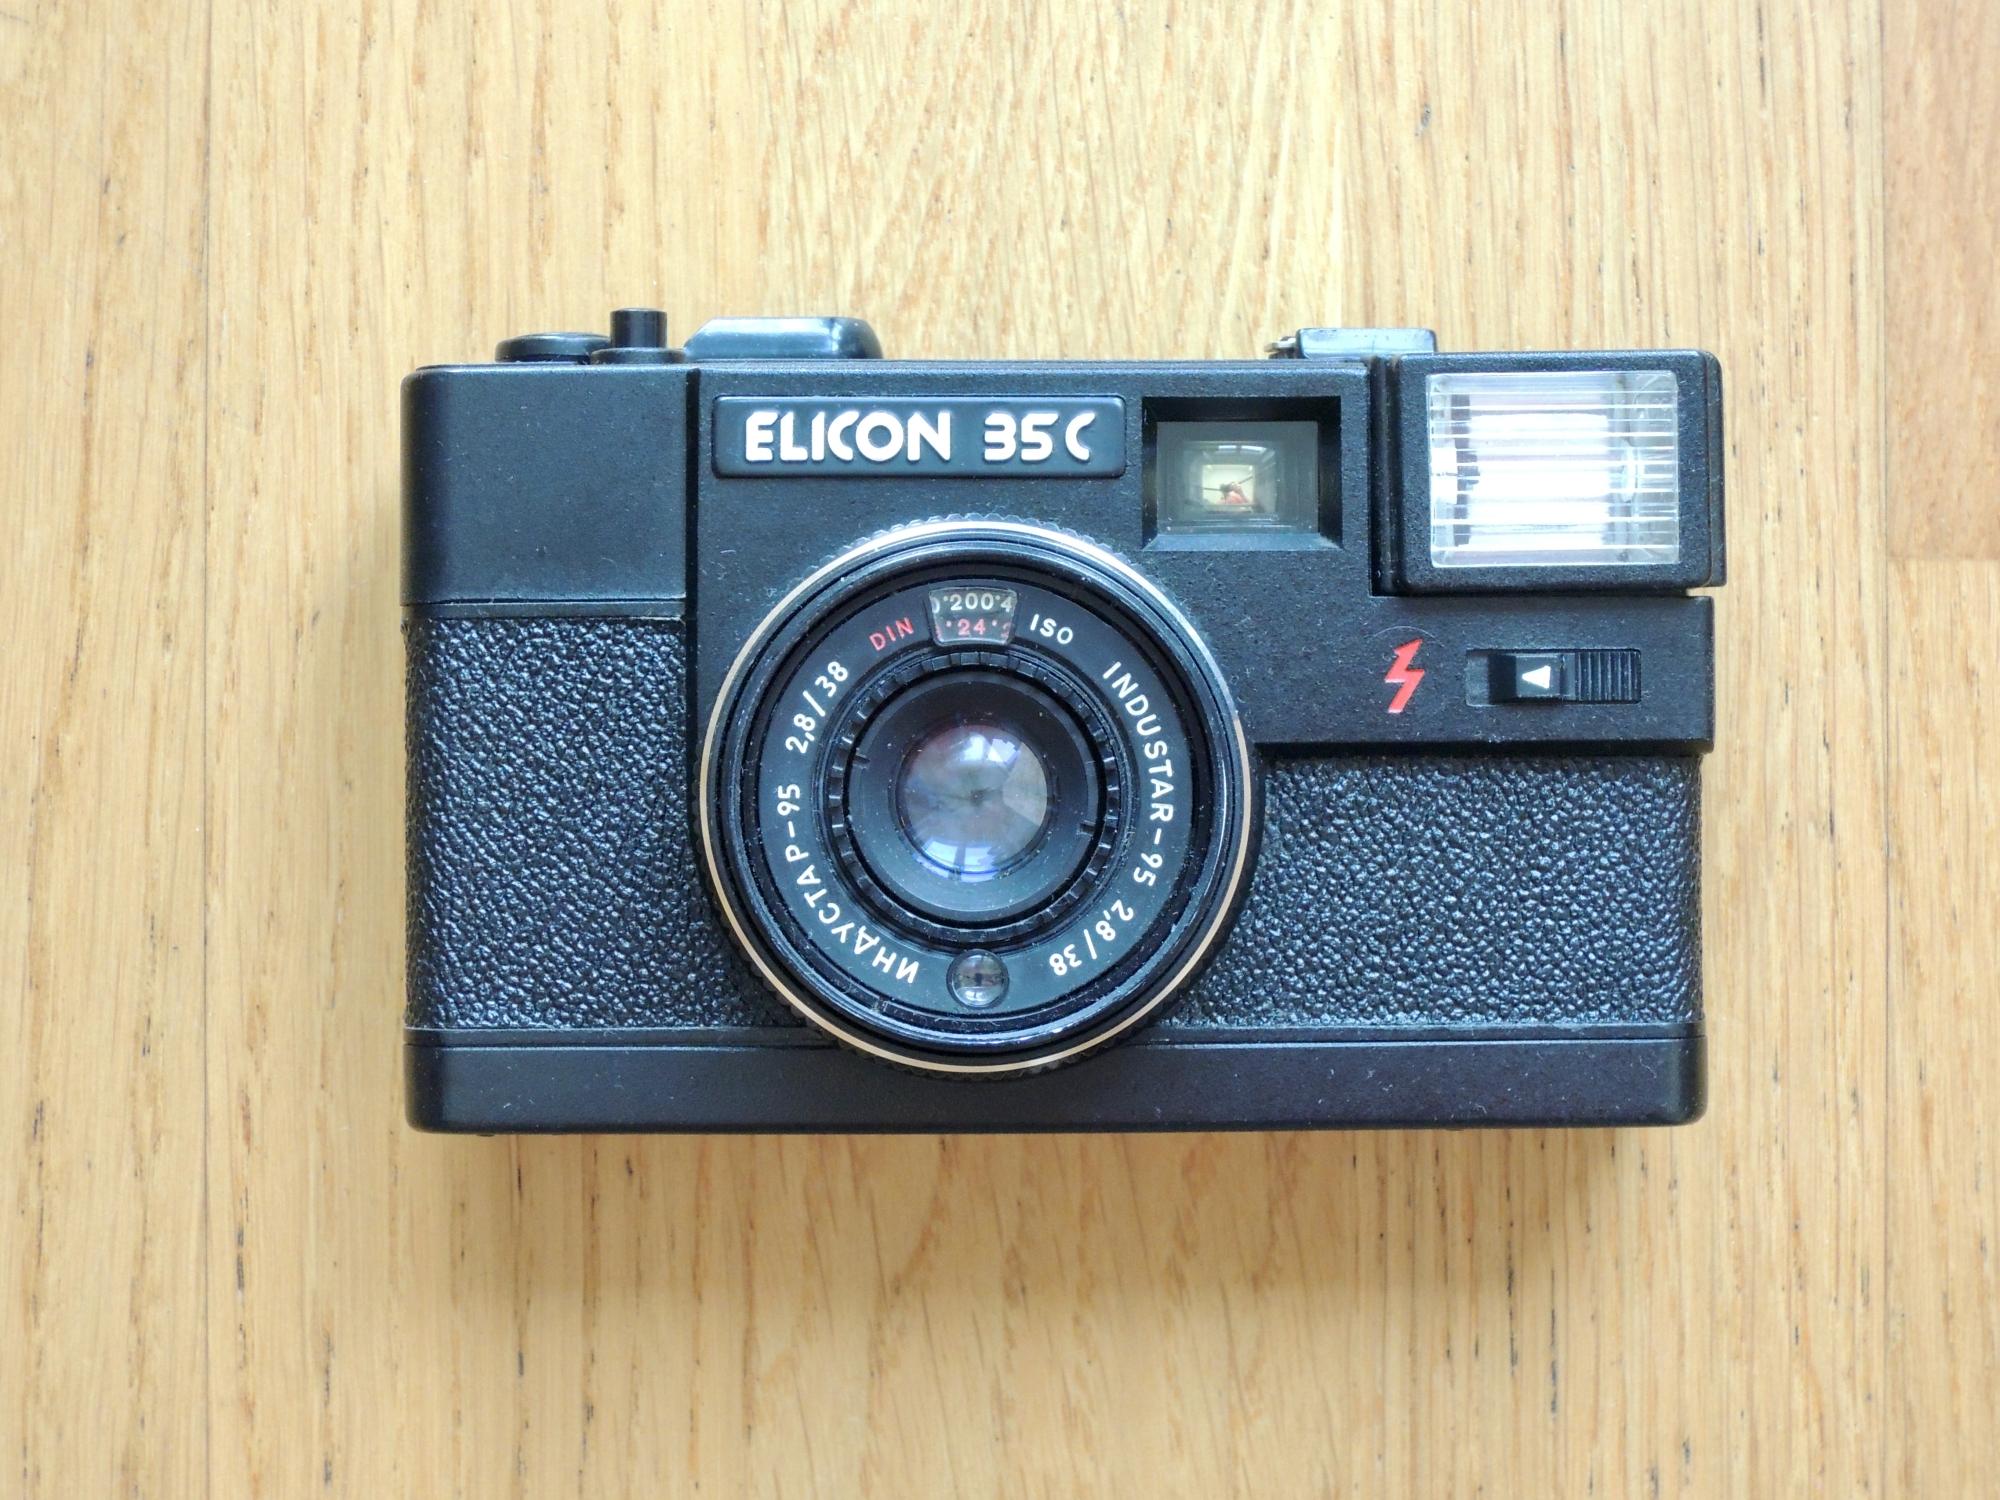 Elicon 35 C front